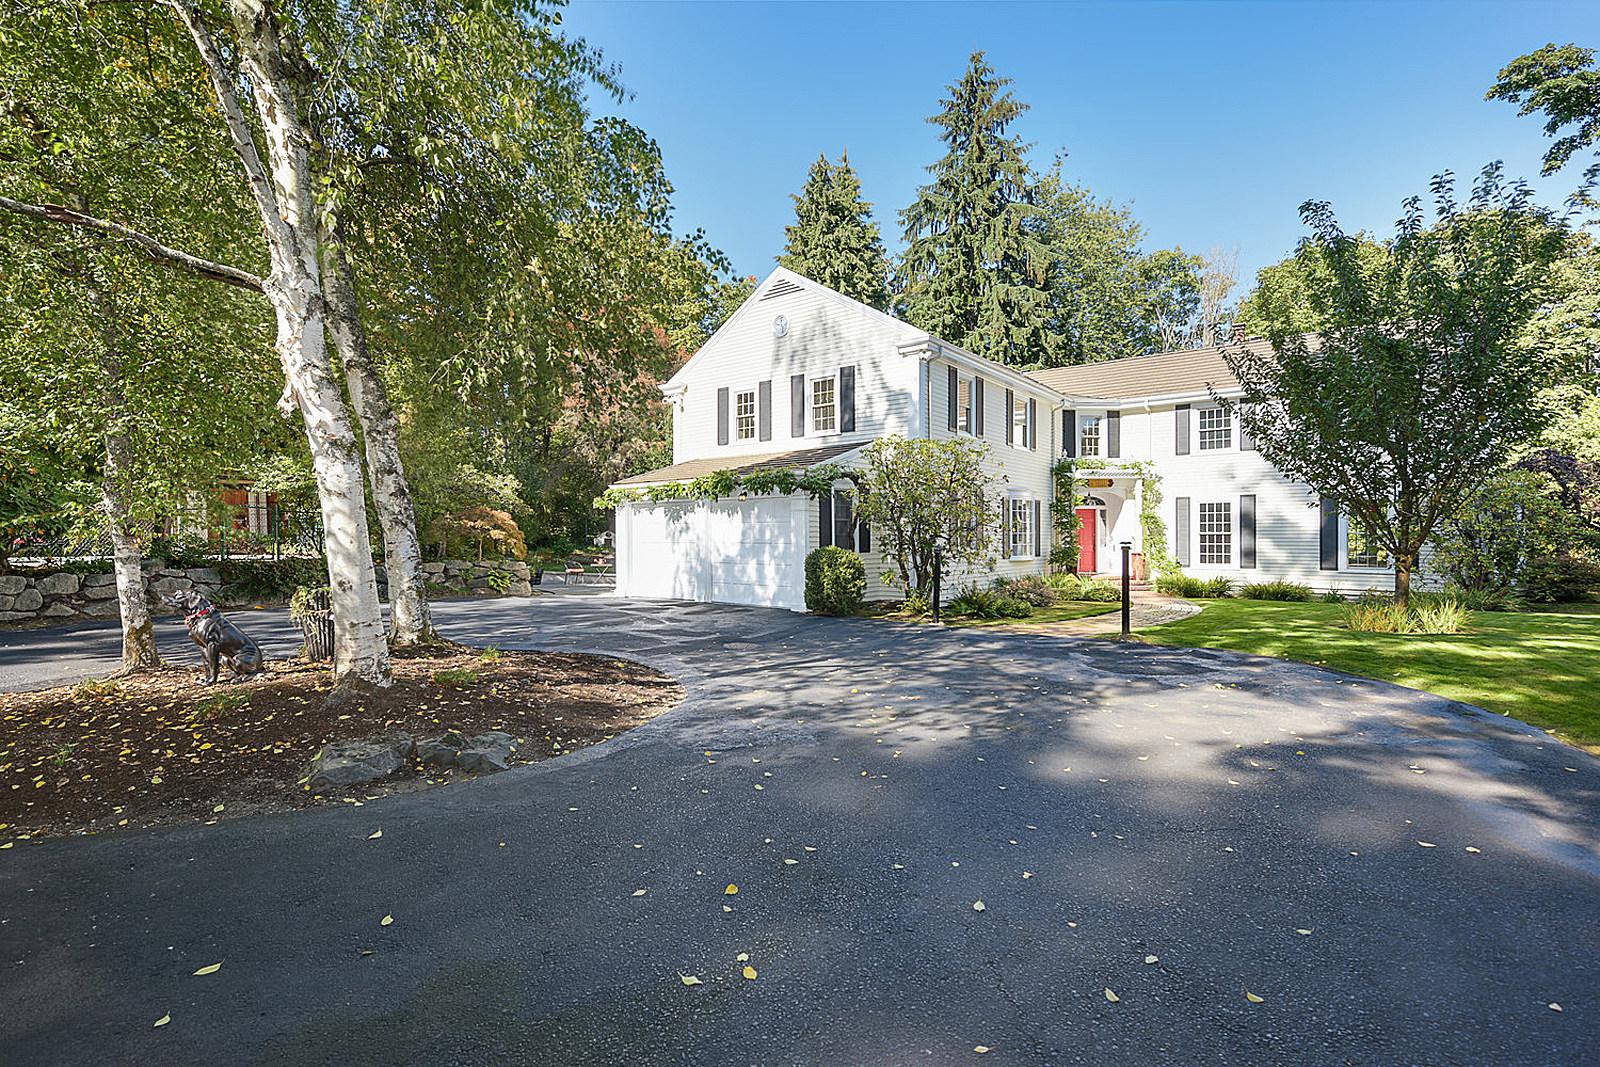 Heart Star Ann Wilson's Former Home Sells for $4.3 Million